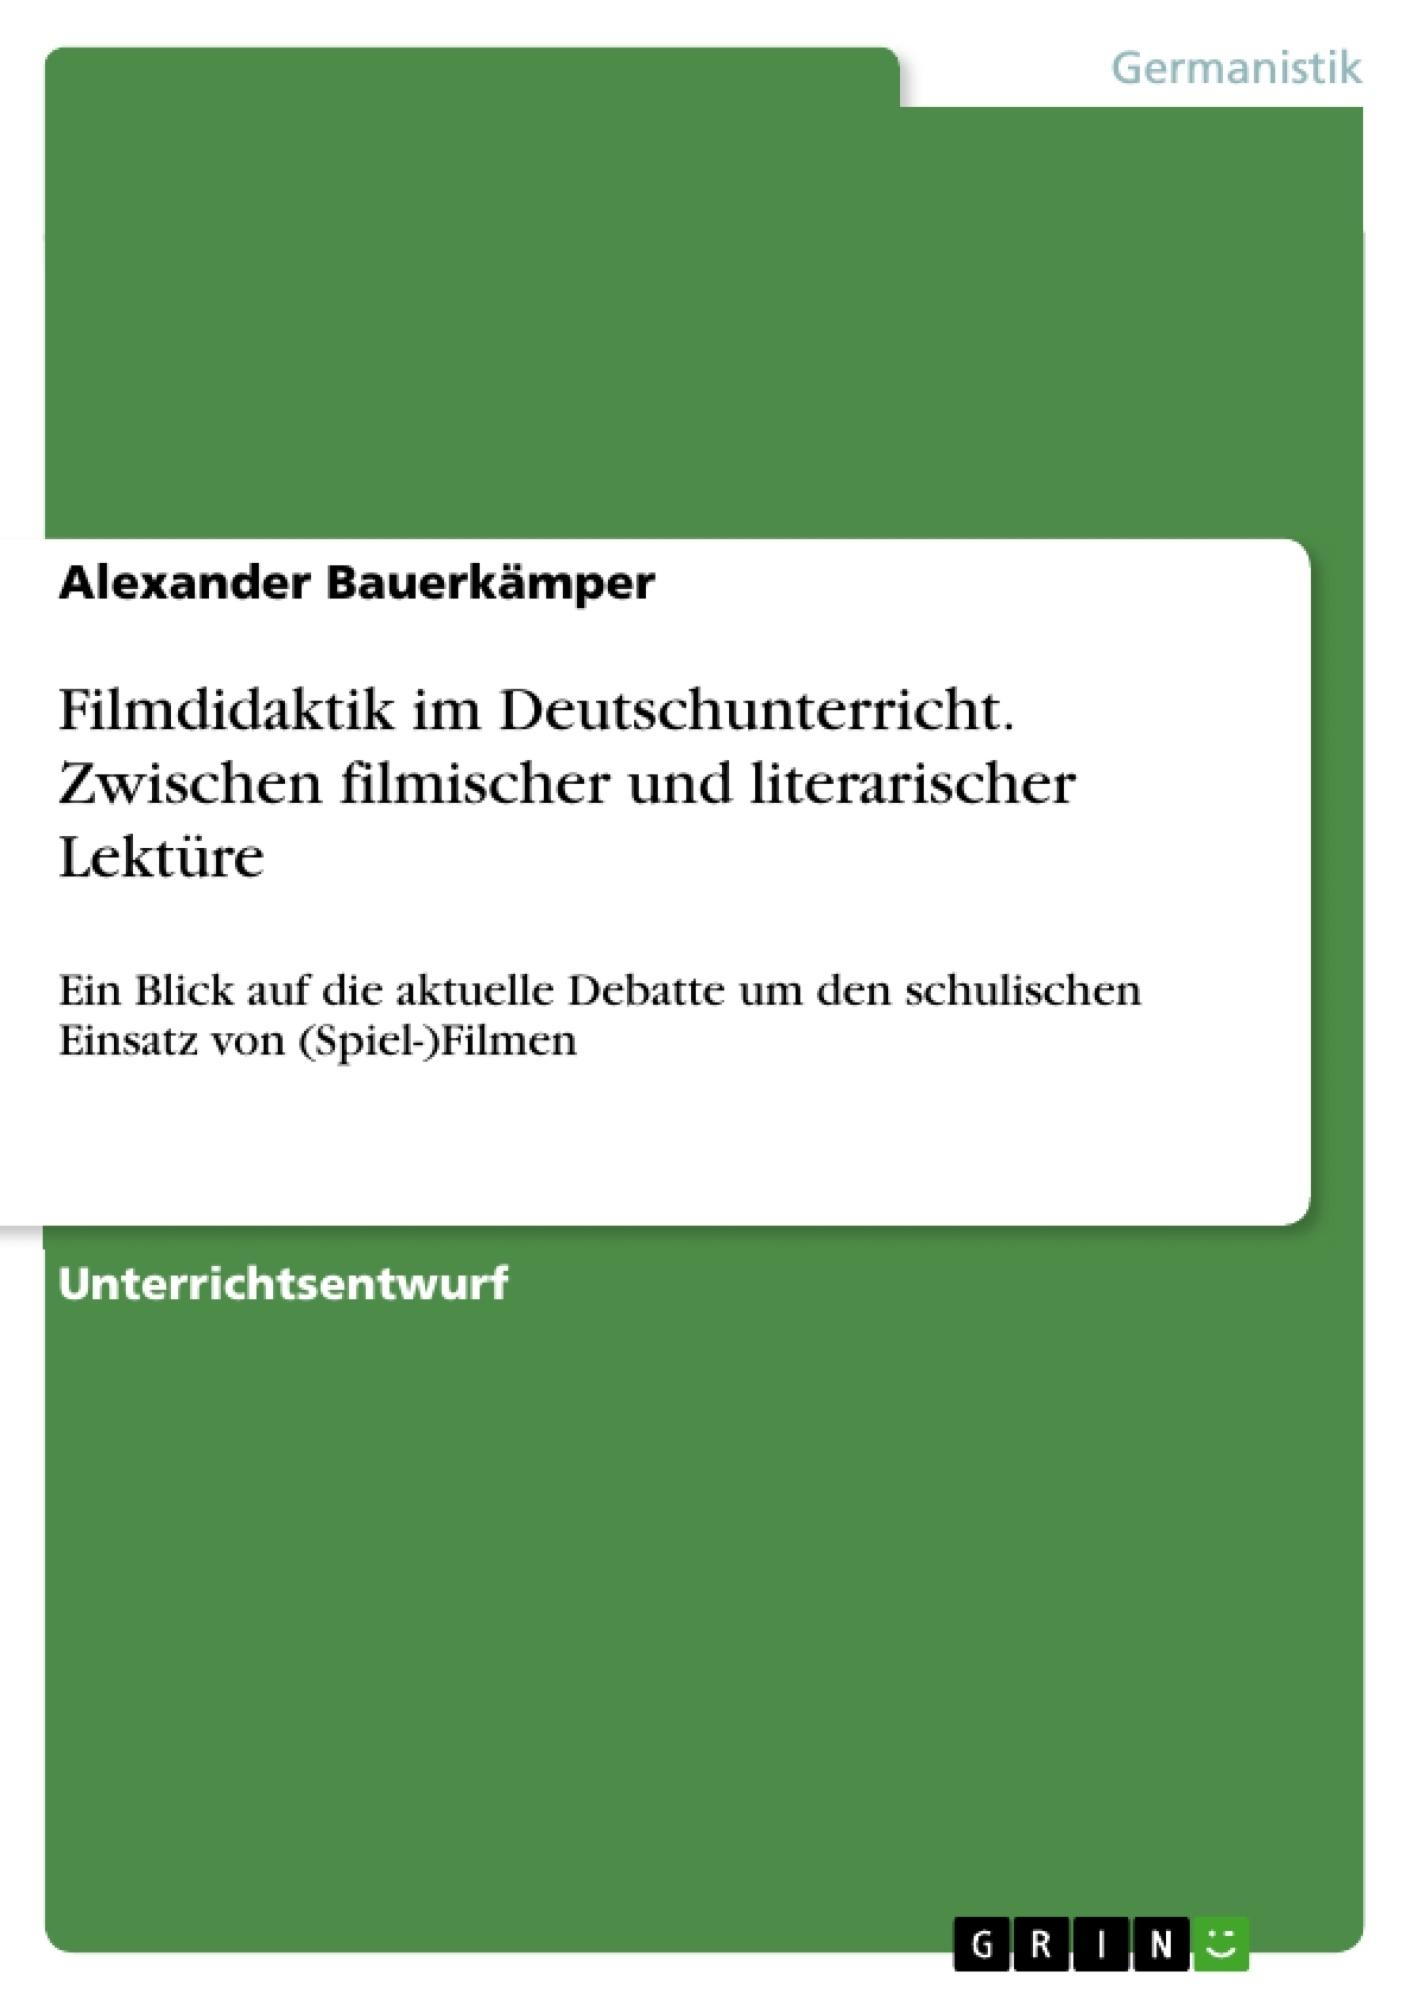 Titel: Filmdidaktik im Deutschunterricht. Zwischen filmischer und literarischer Lektüre